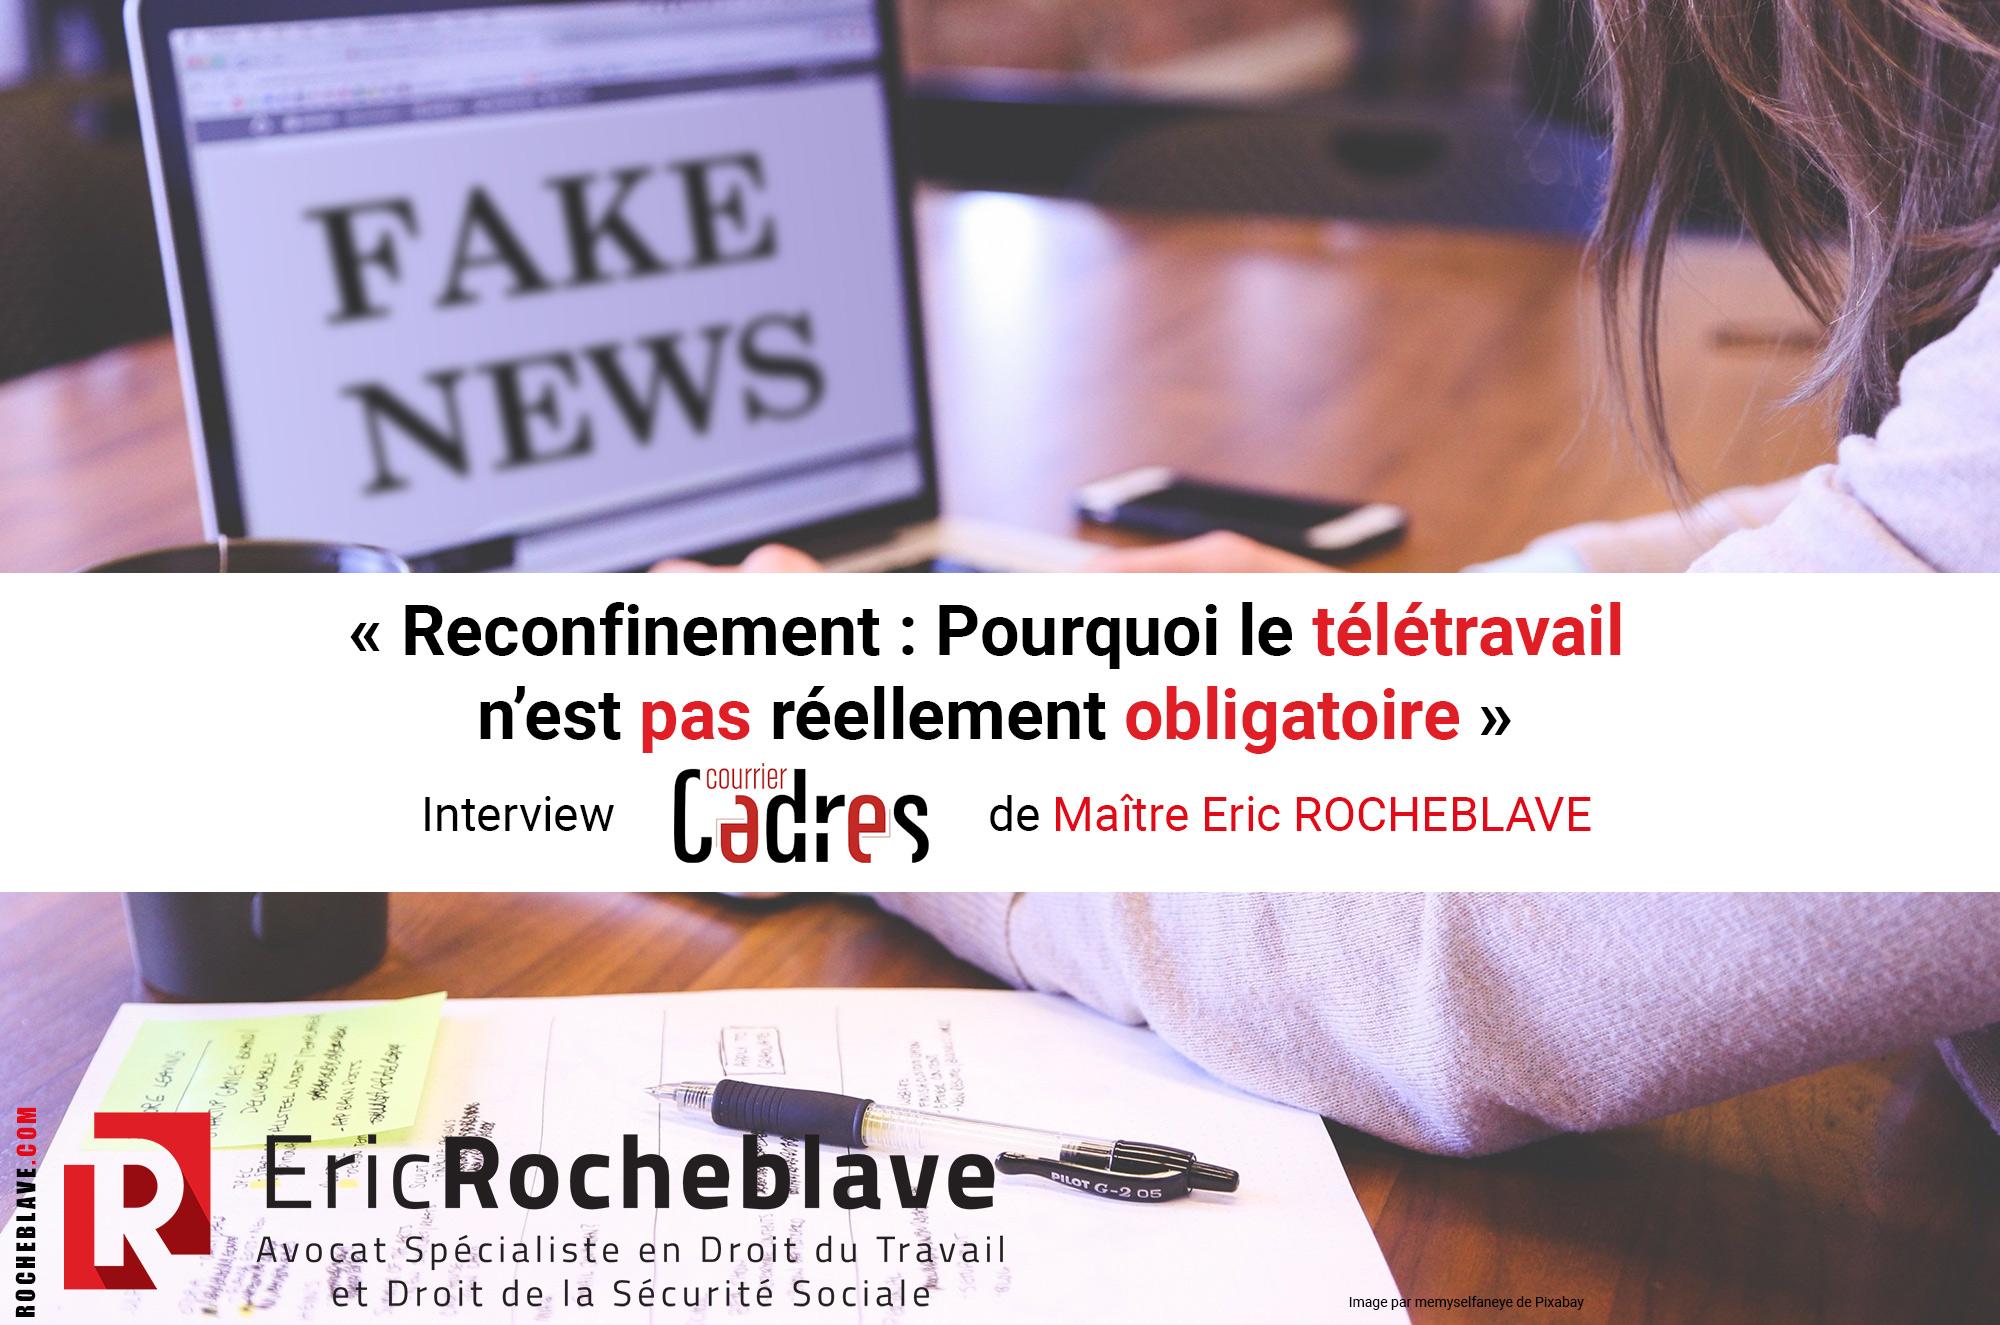 « Reconfinement : Pourquoi le télétravail n'est pas réellement obligatoire » Interview Courrier Cadres de Maître Eric ROCHEBLAVE